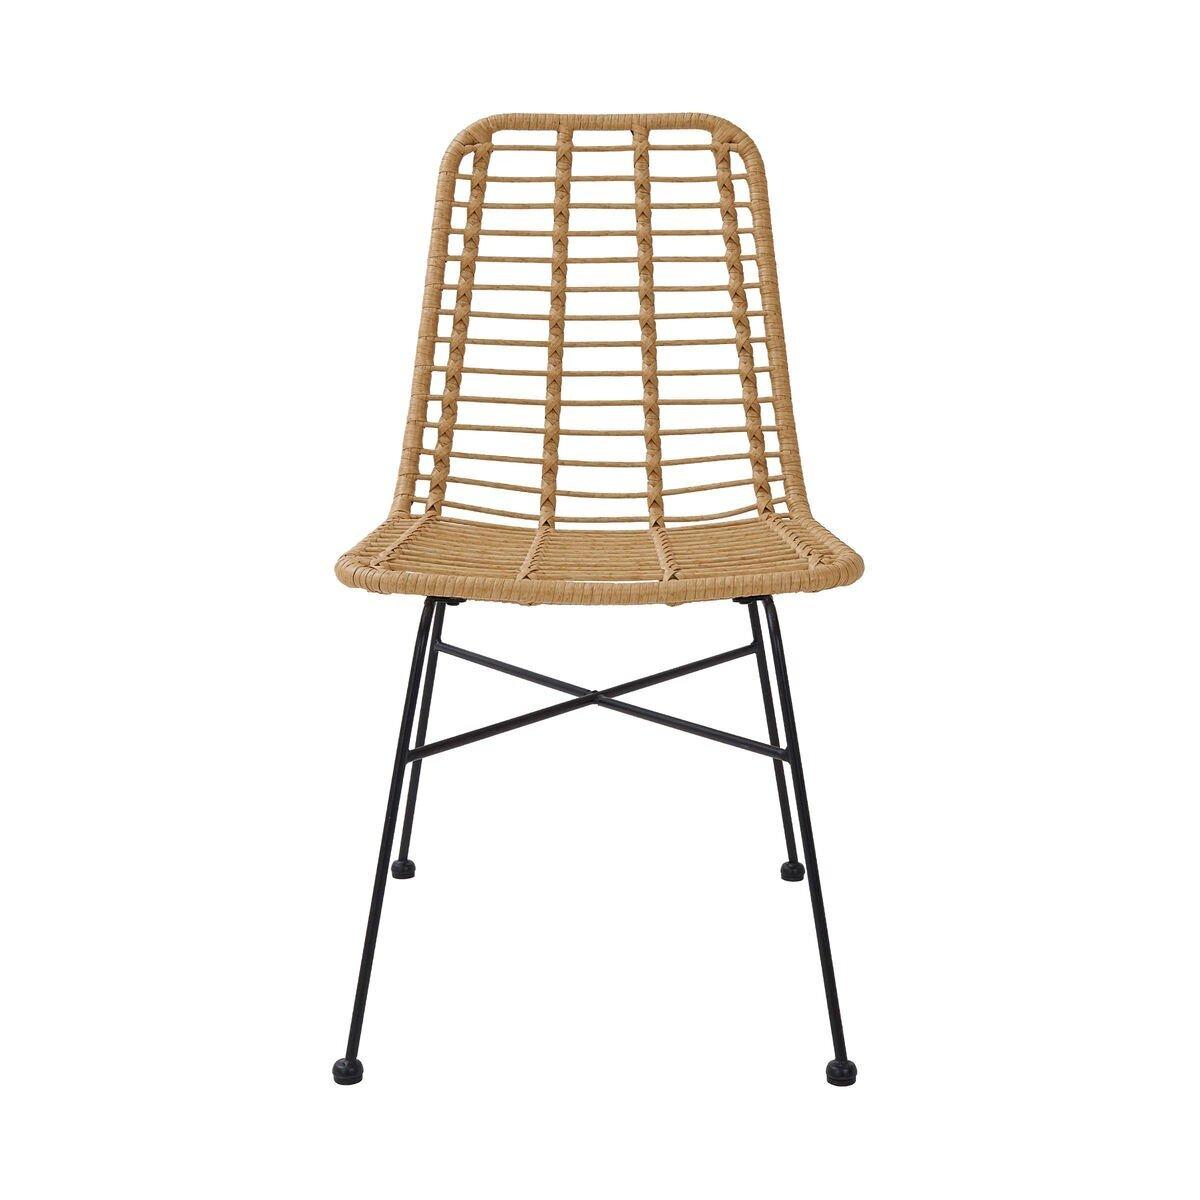 Bild 2 von Outdoor-Stuhl